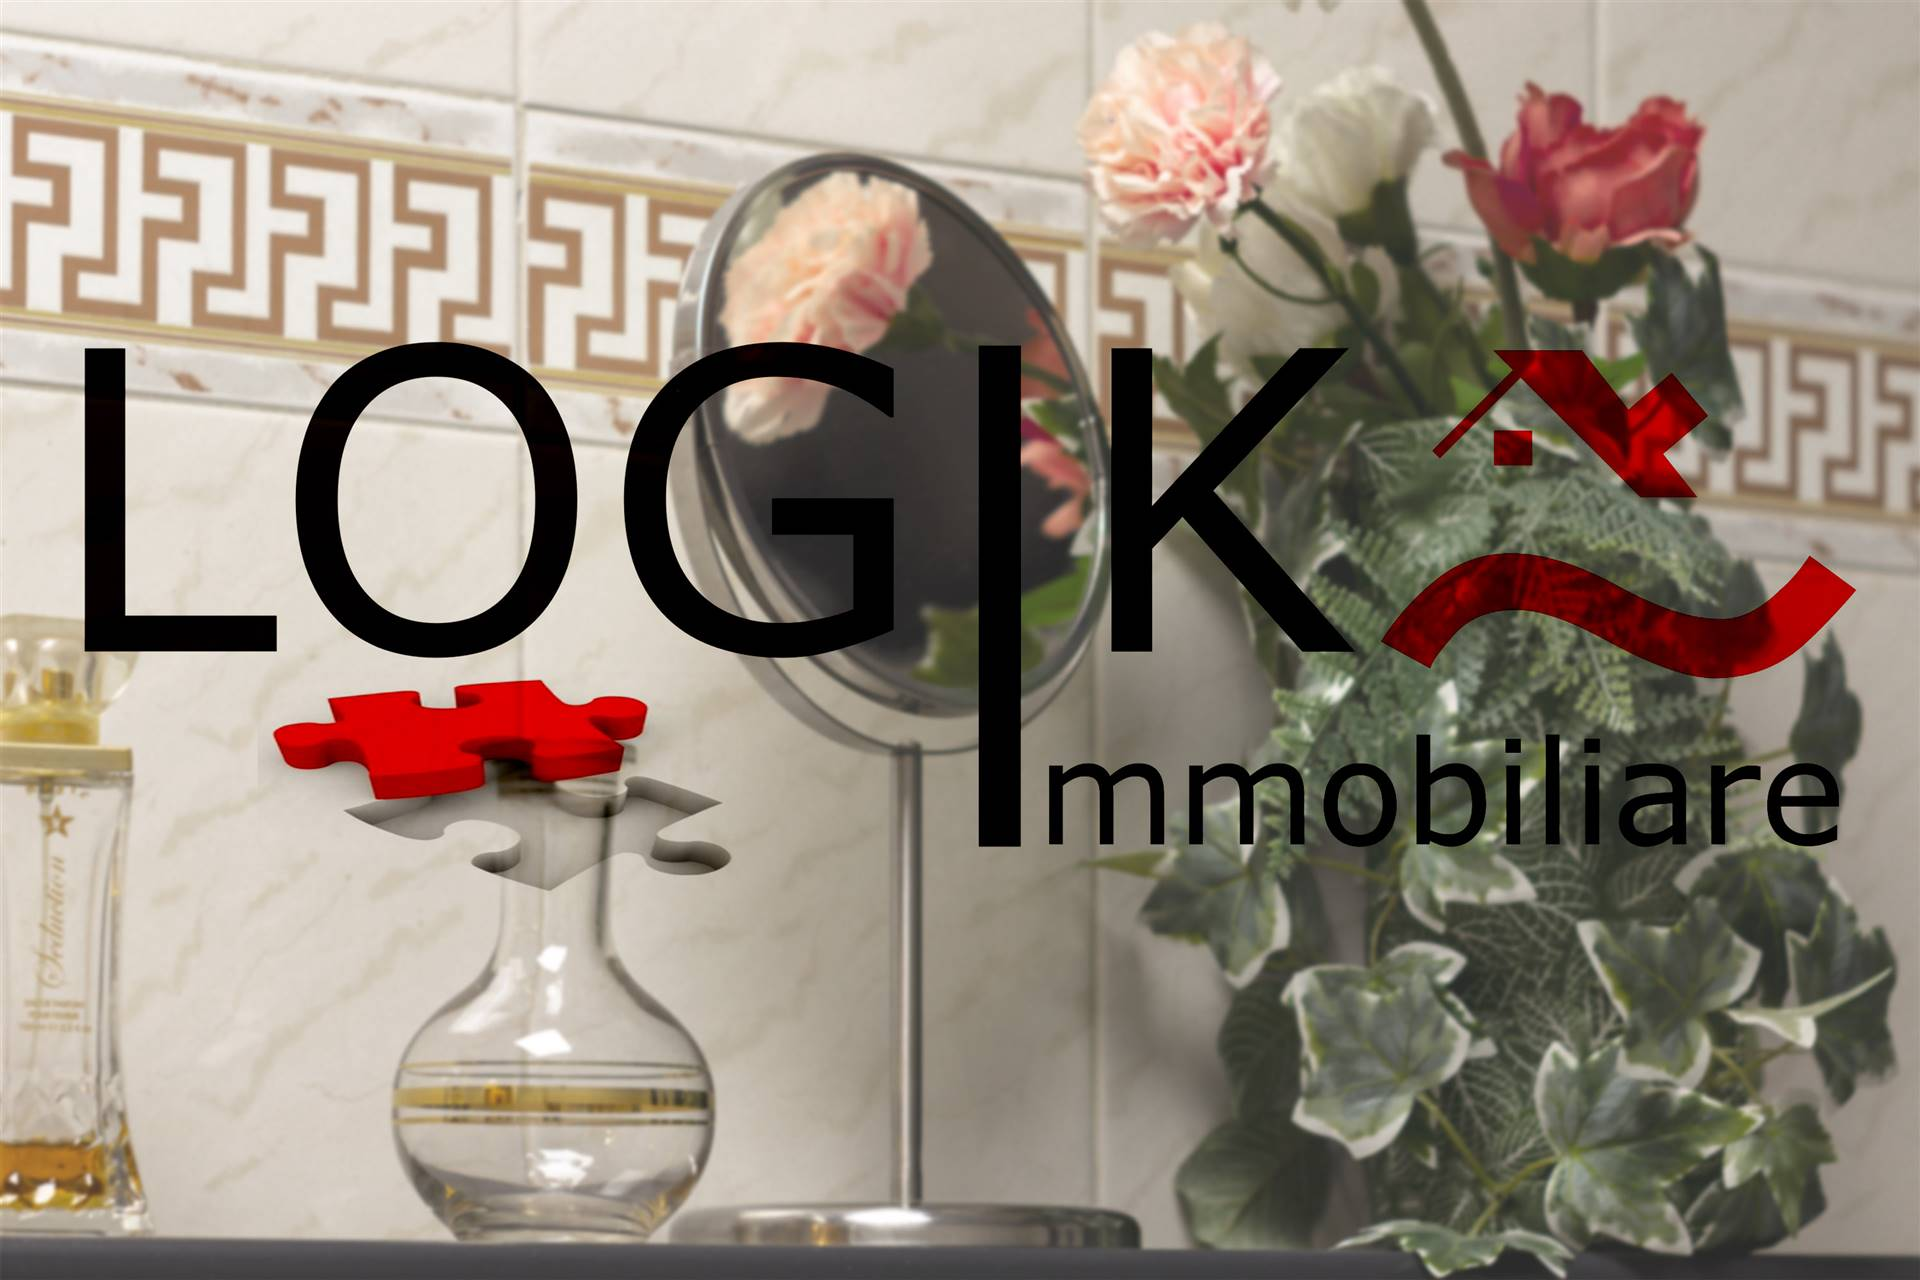 Appartamento in vendita a Pieve Emanuele, 3 locali, zona Località: FAUSTO COPPI, prezzo € 156.000 | PortaleAgenzieImmobiliari.it